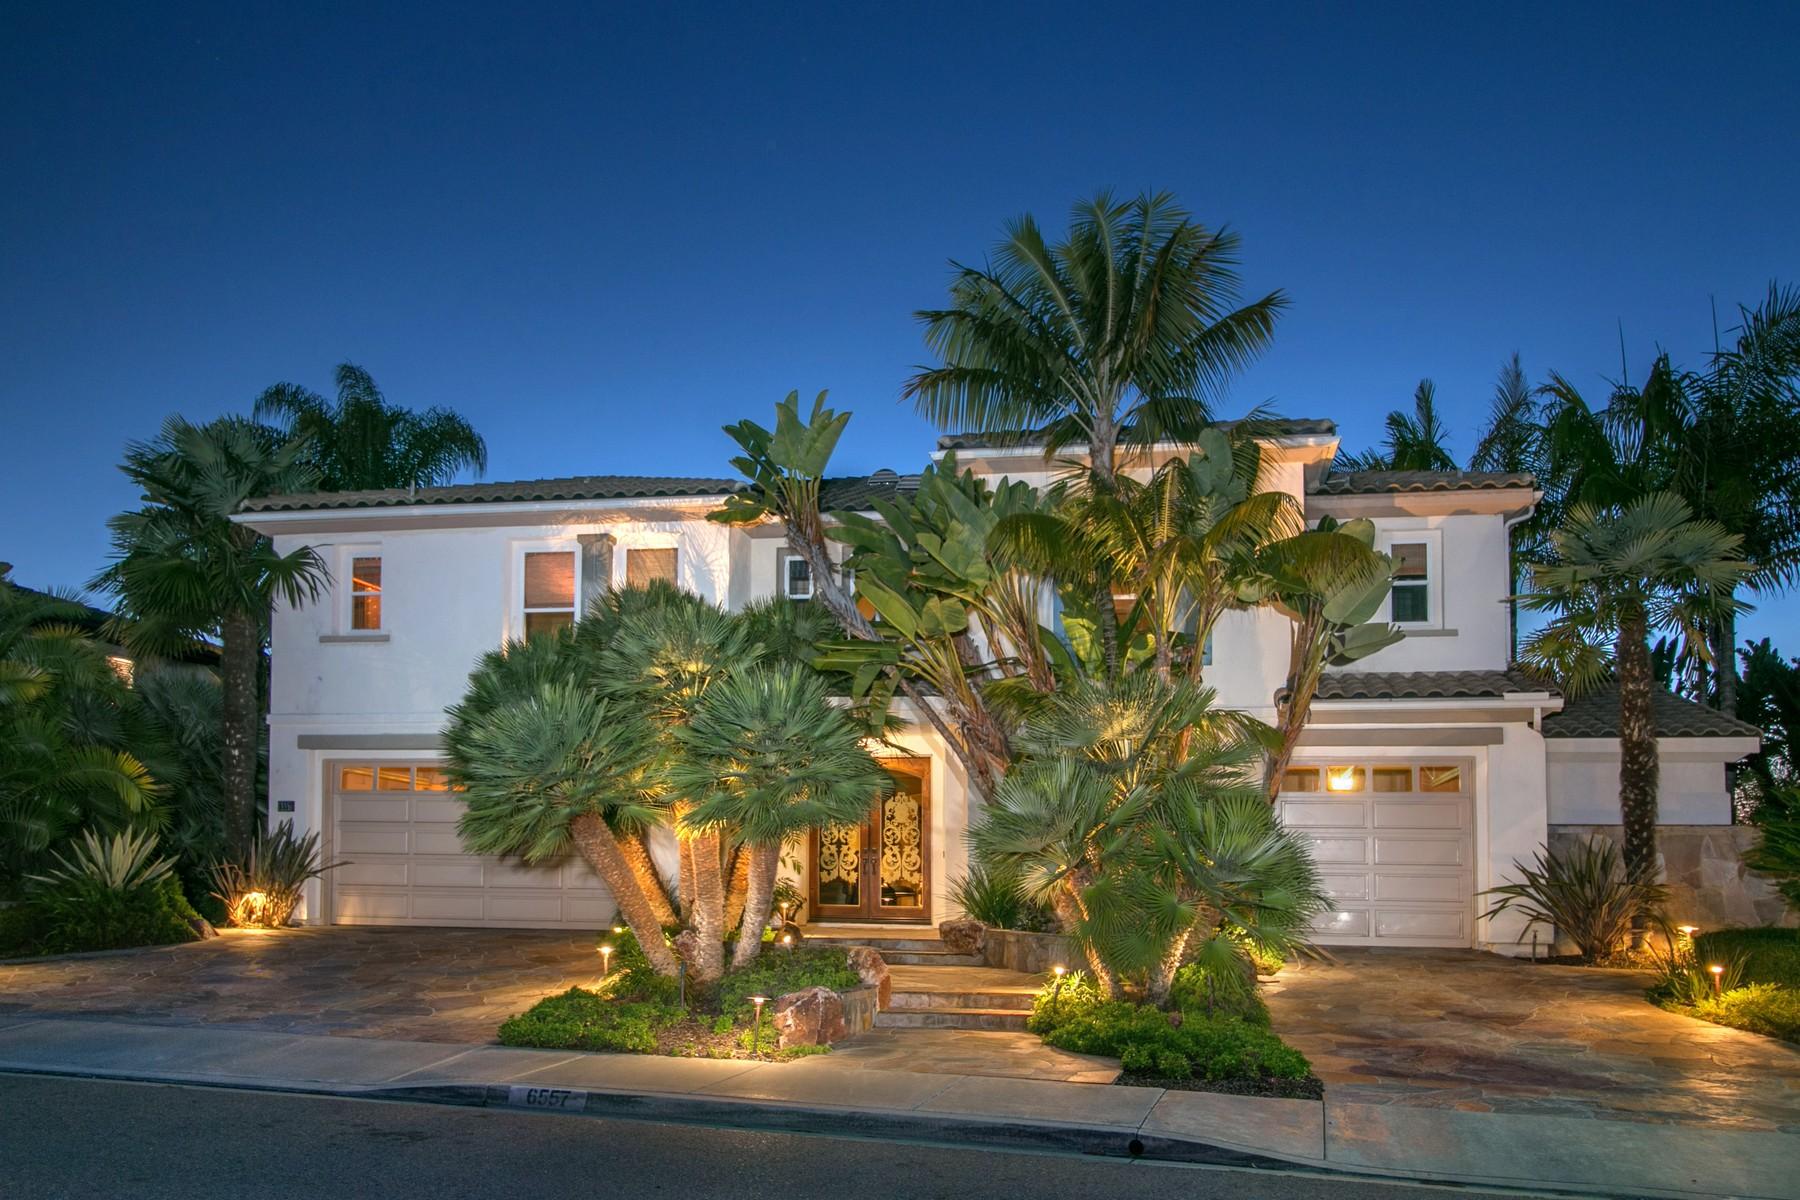 Casa Unifamiliar por un Venta en 6557 Coneflower Drive Carlsbad, California, 92011 Estados Unidos